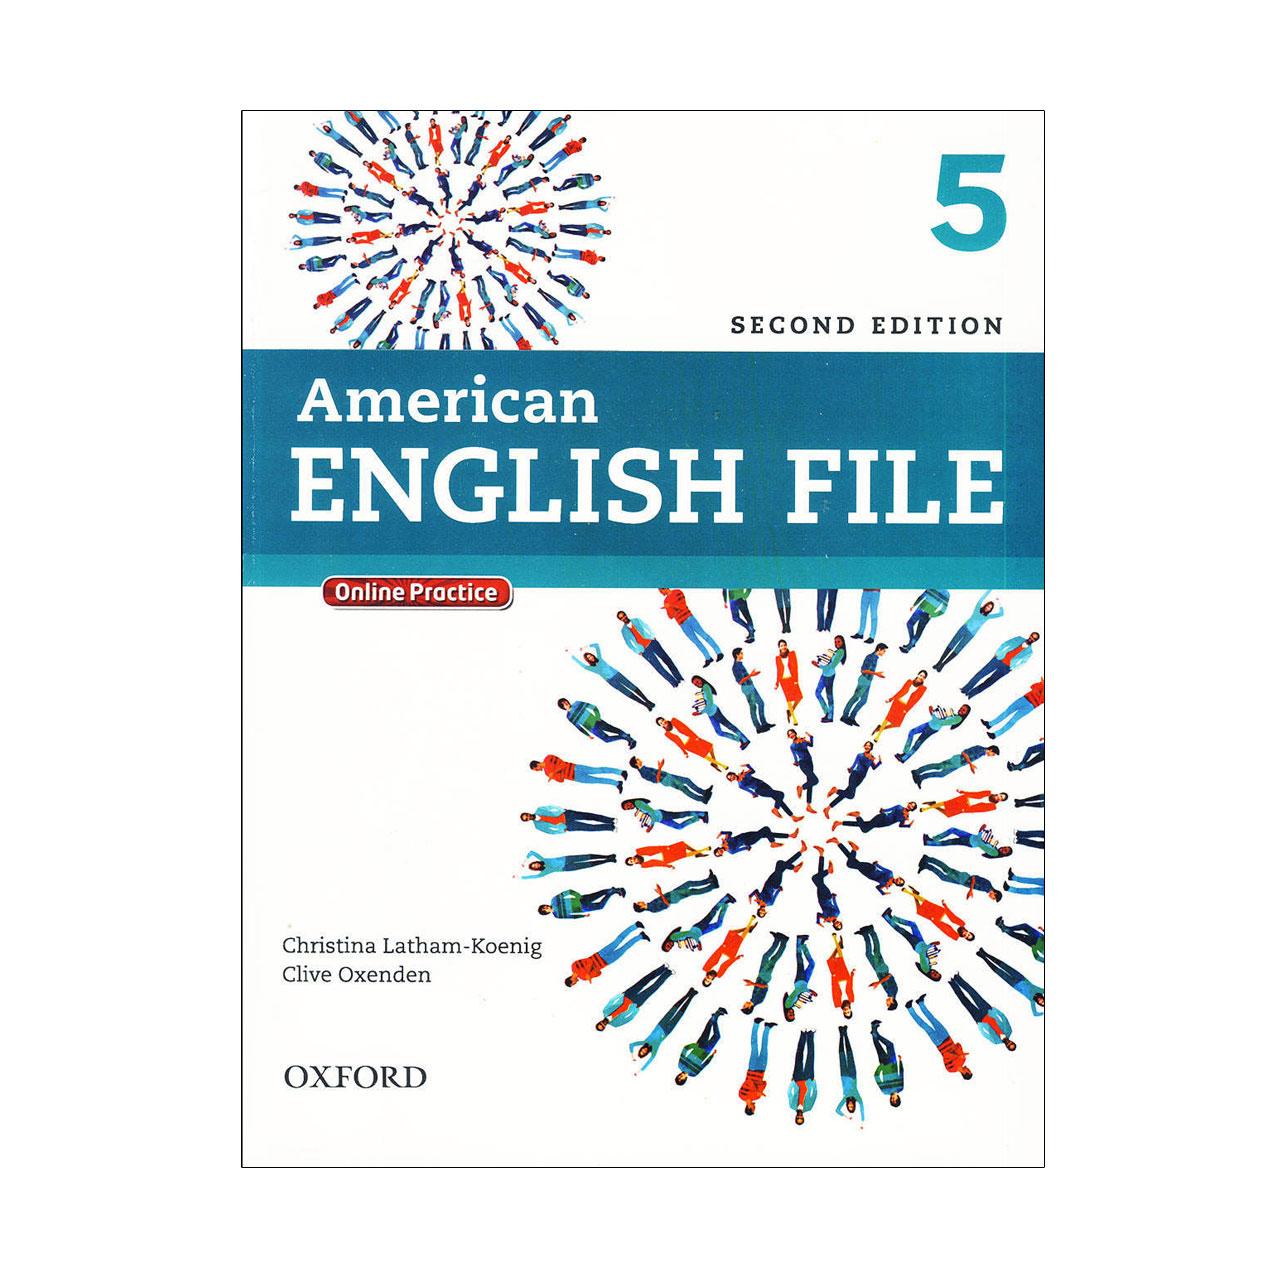 خرید                      کتاب American English File 5 اثر جمعی از نویسندگان انتشارات Oxford